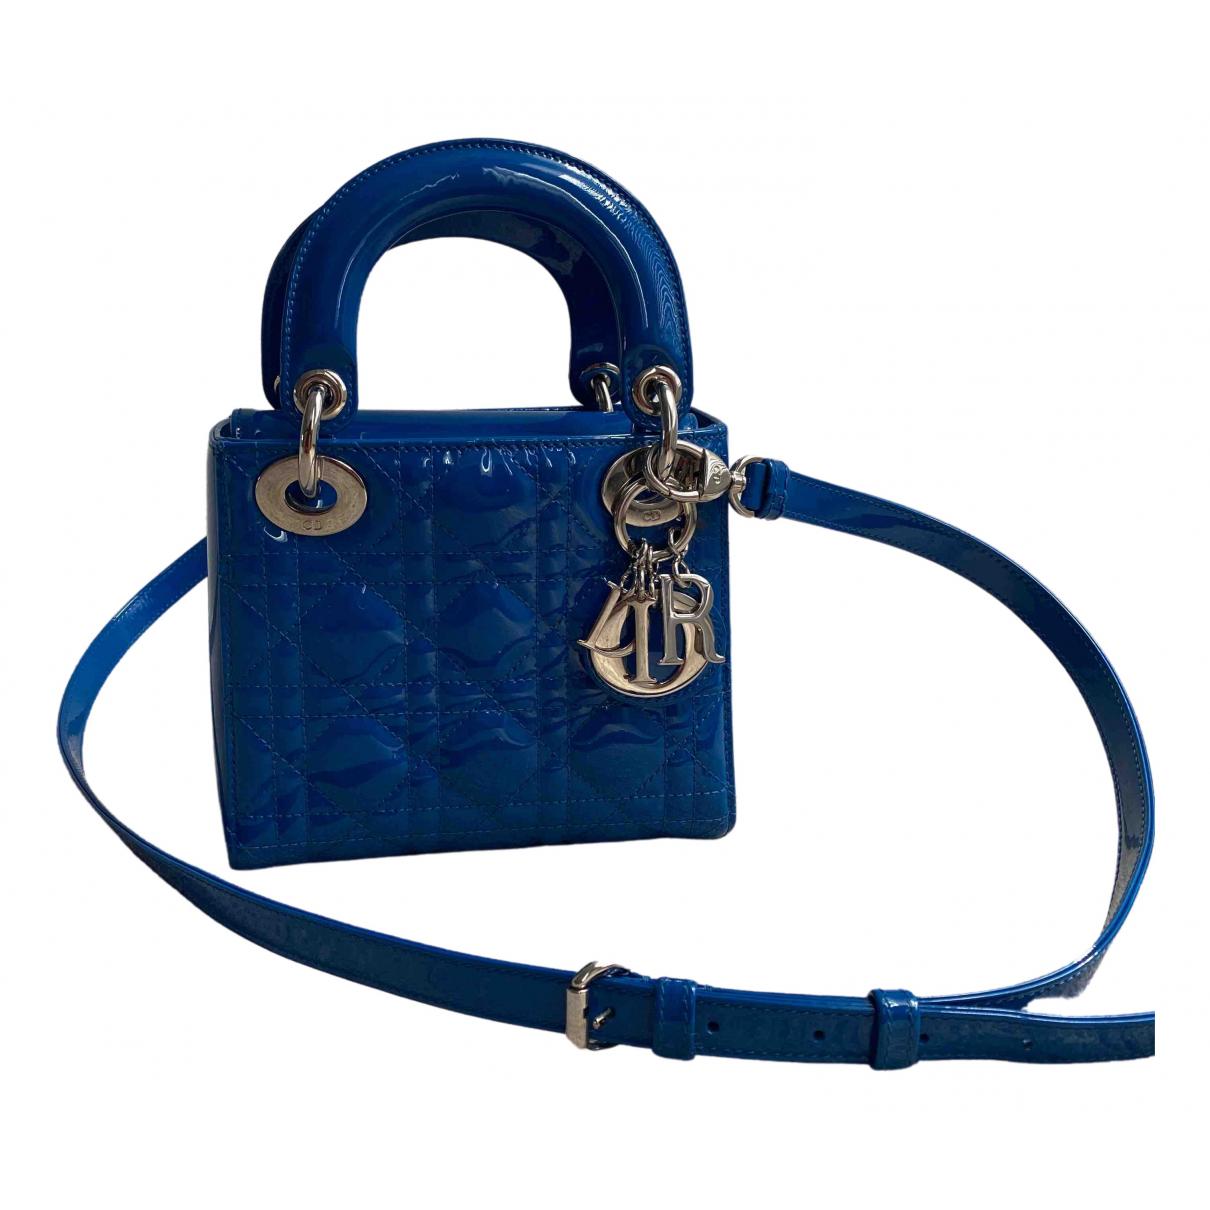 Dior Lady Dior Blue Leather handbag for Women \N